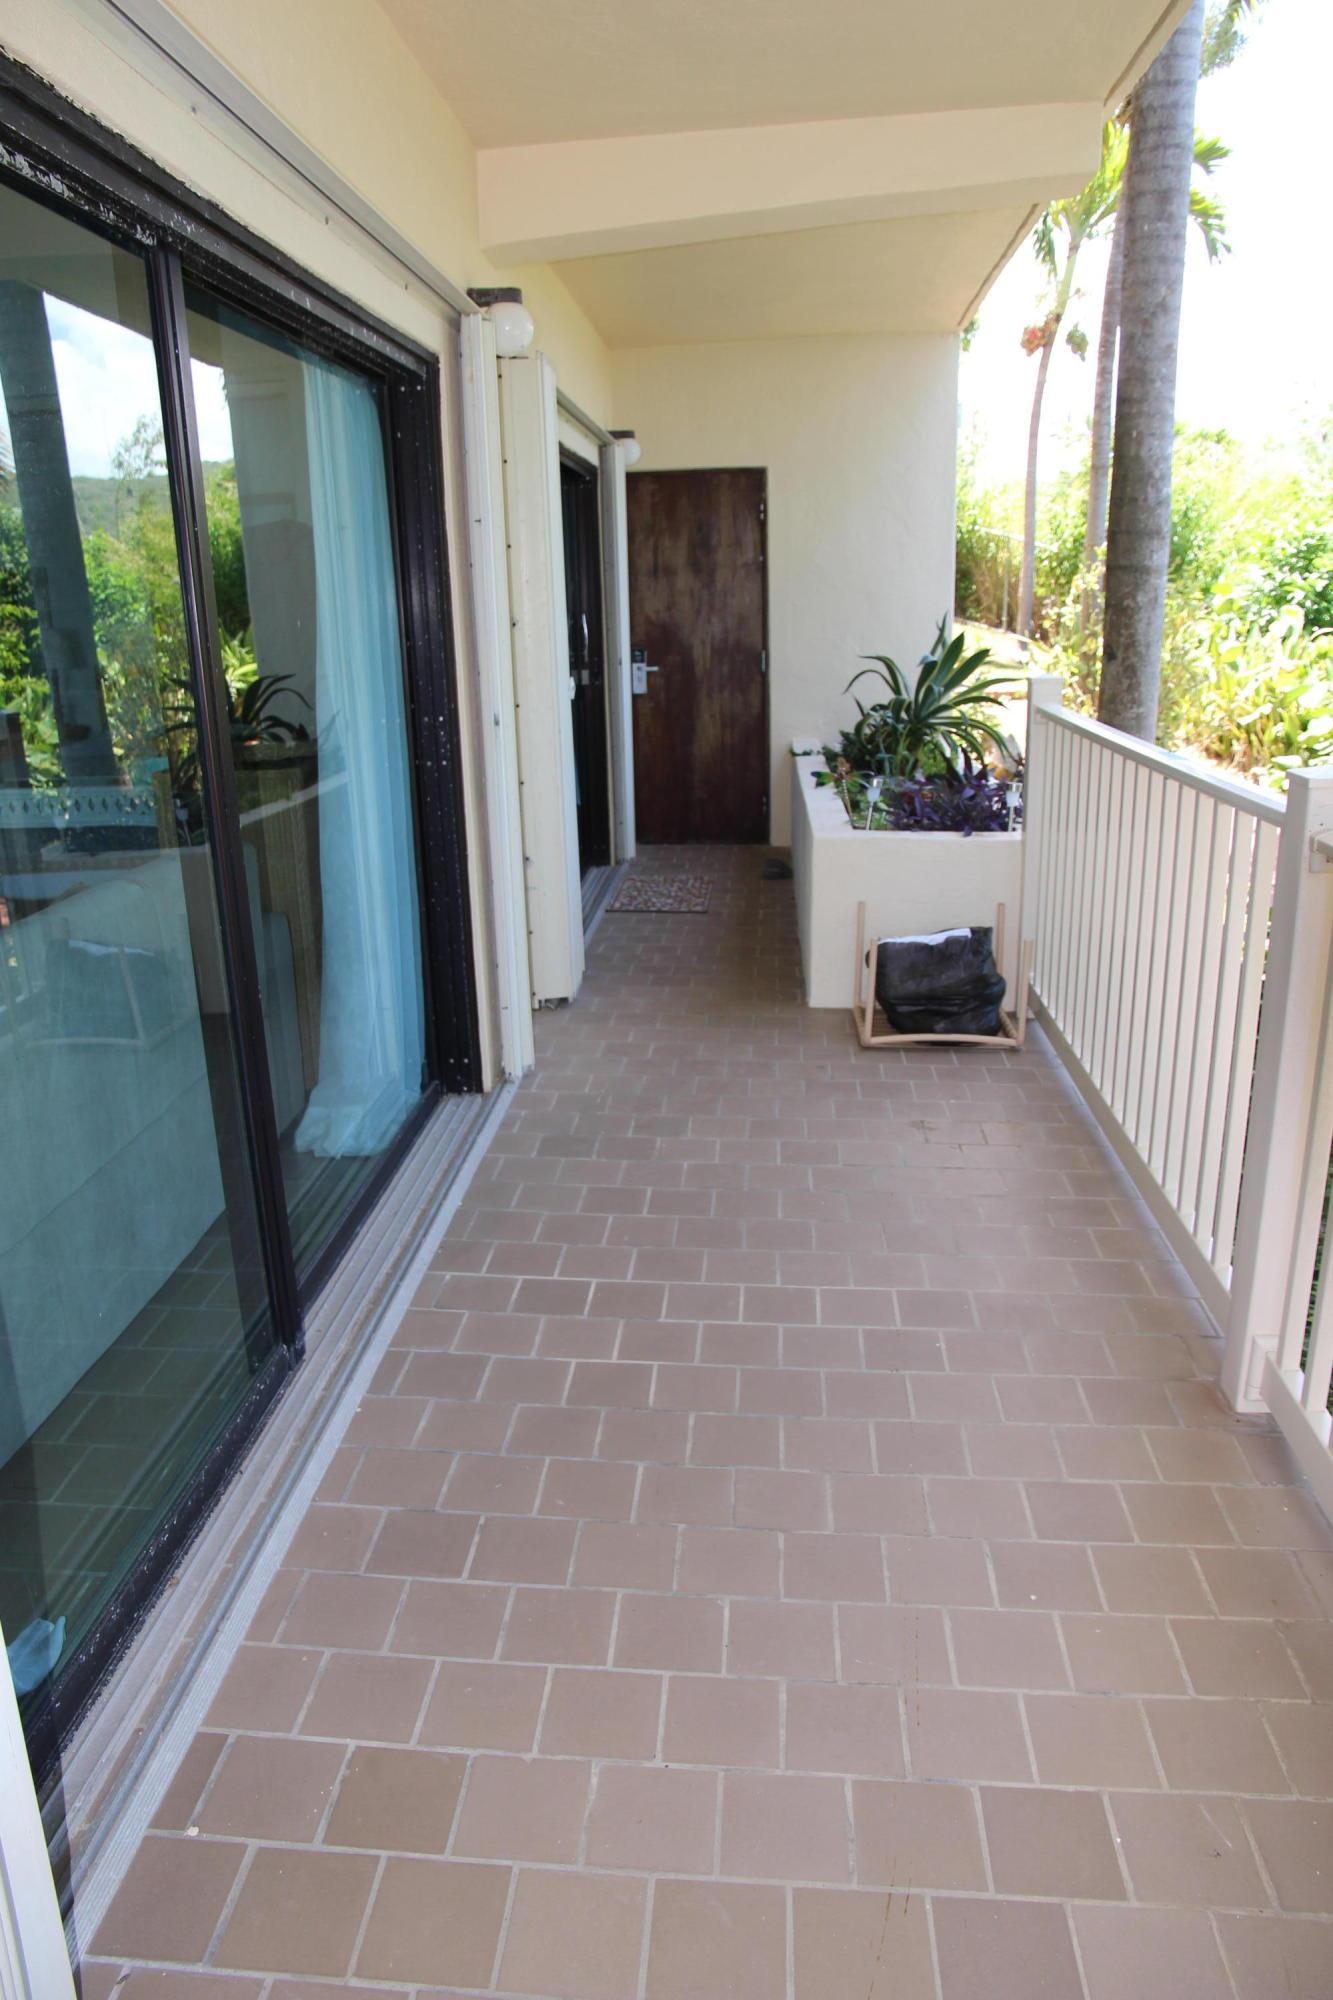 'L' shape porch